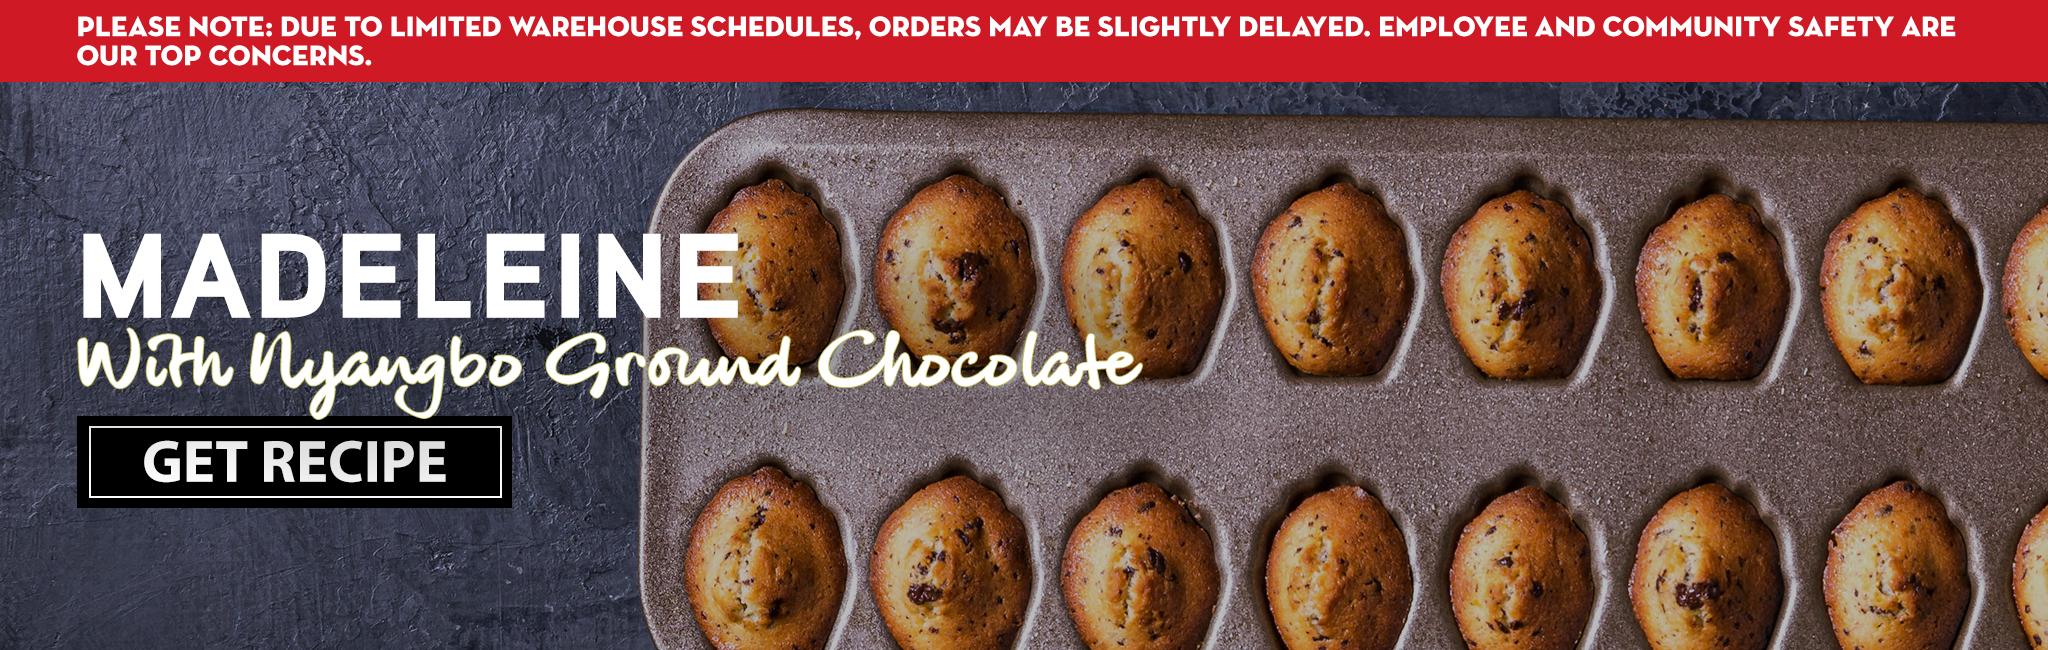 MADELEINE WITH NYANGBO GROUND CHOCOLATE RECIPE